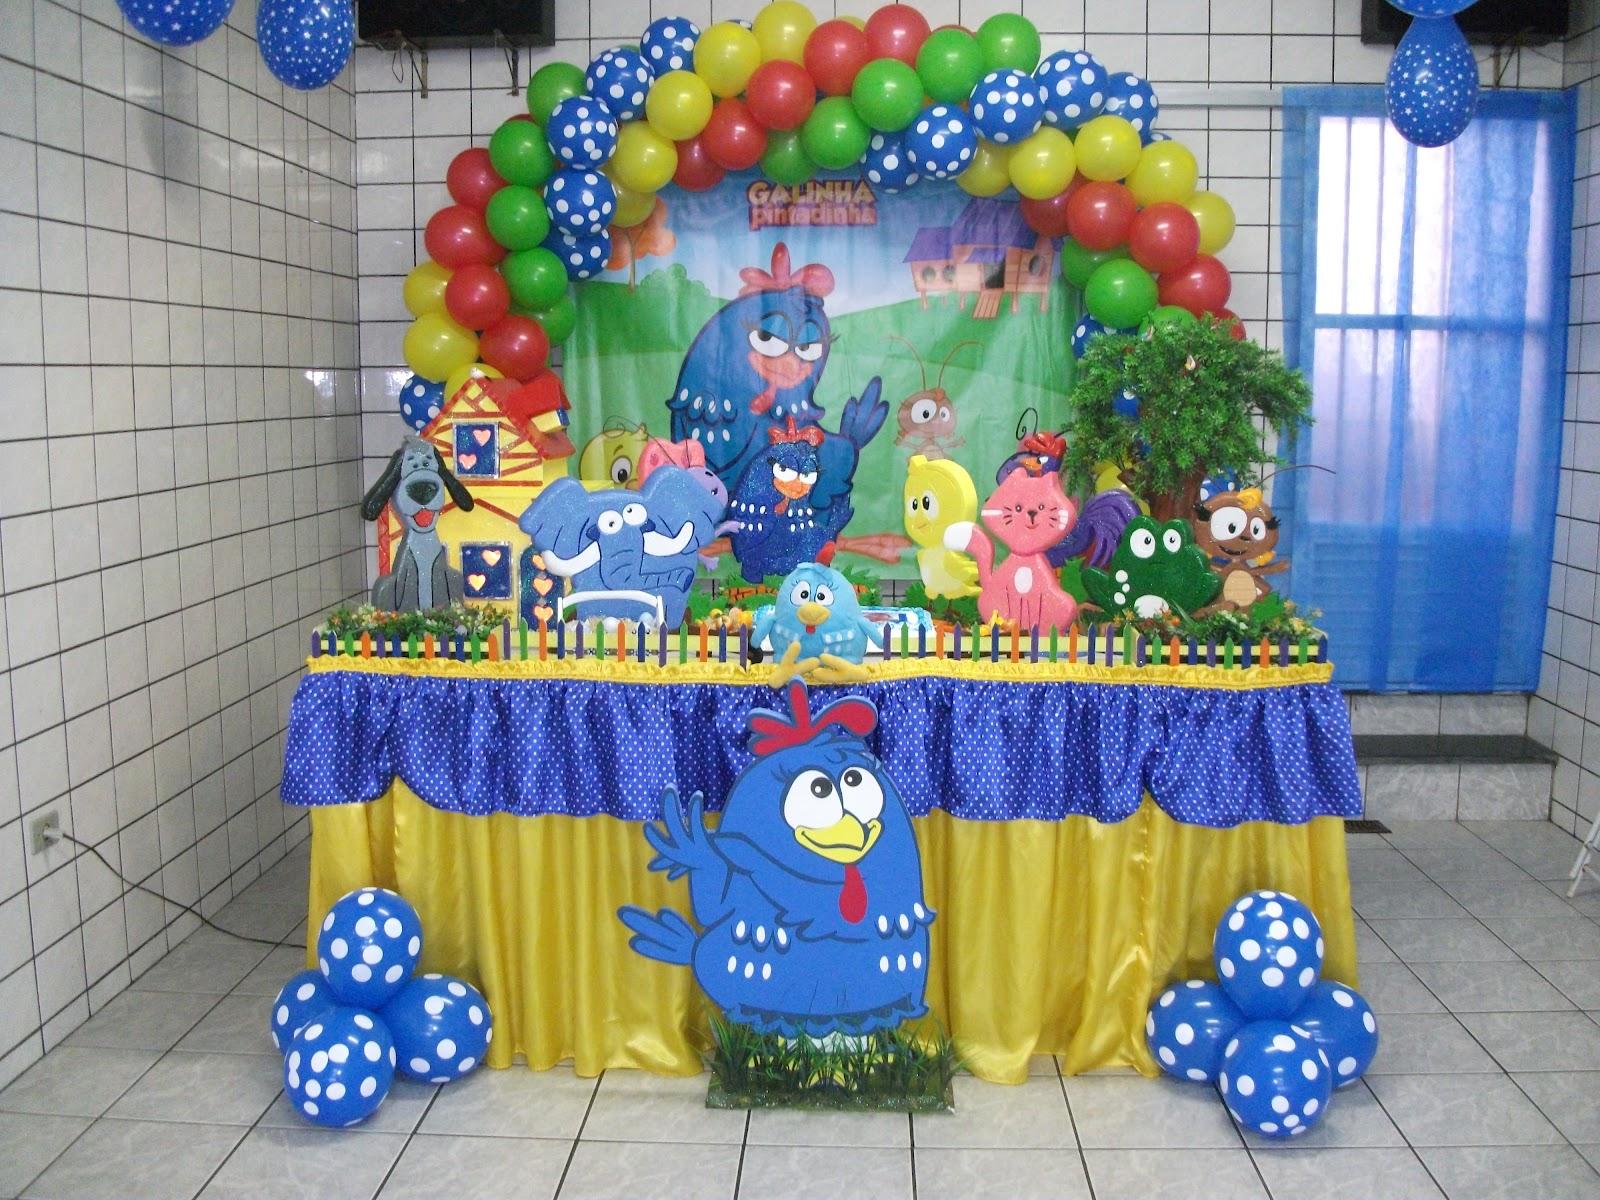 decoracao galinha pintadinha azul e amarelo:Posts Totales : 275 Puntos Premio : 0 Inscrito: 12/26/2013 Estatus